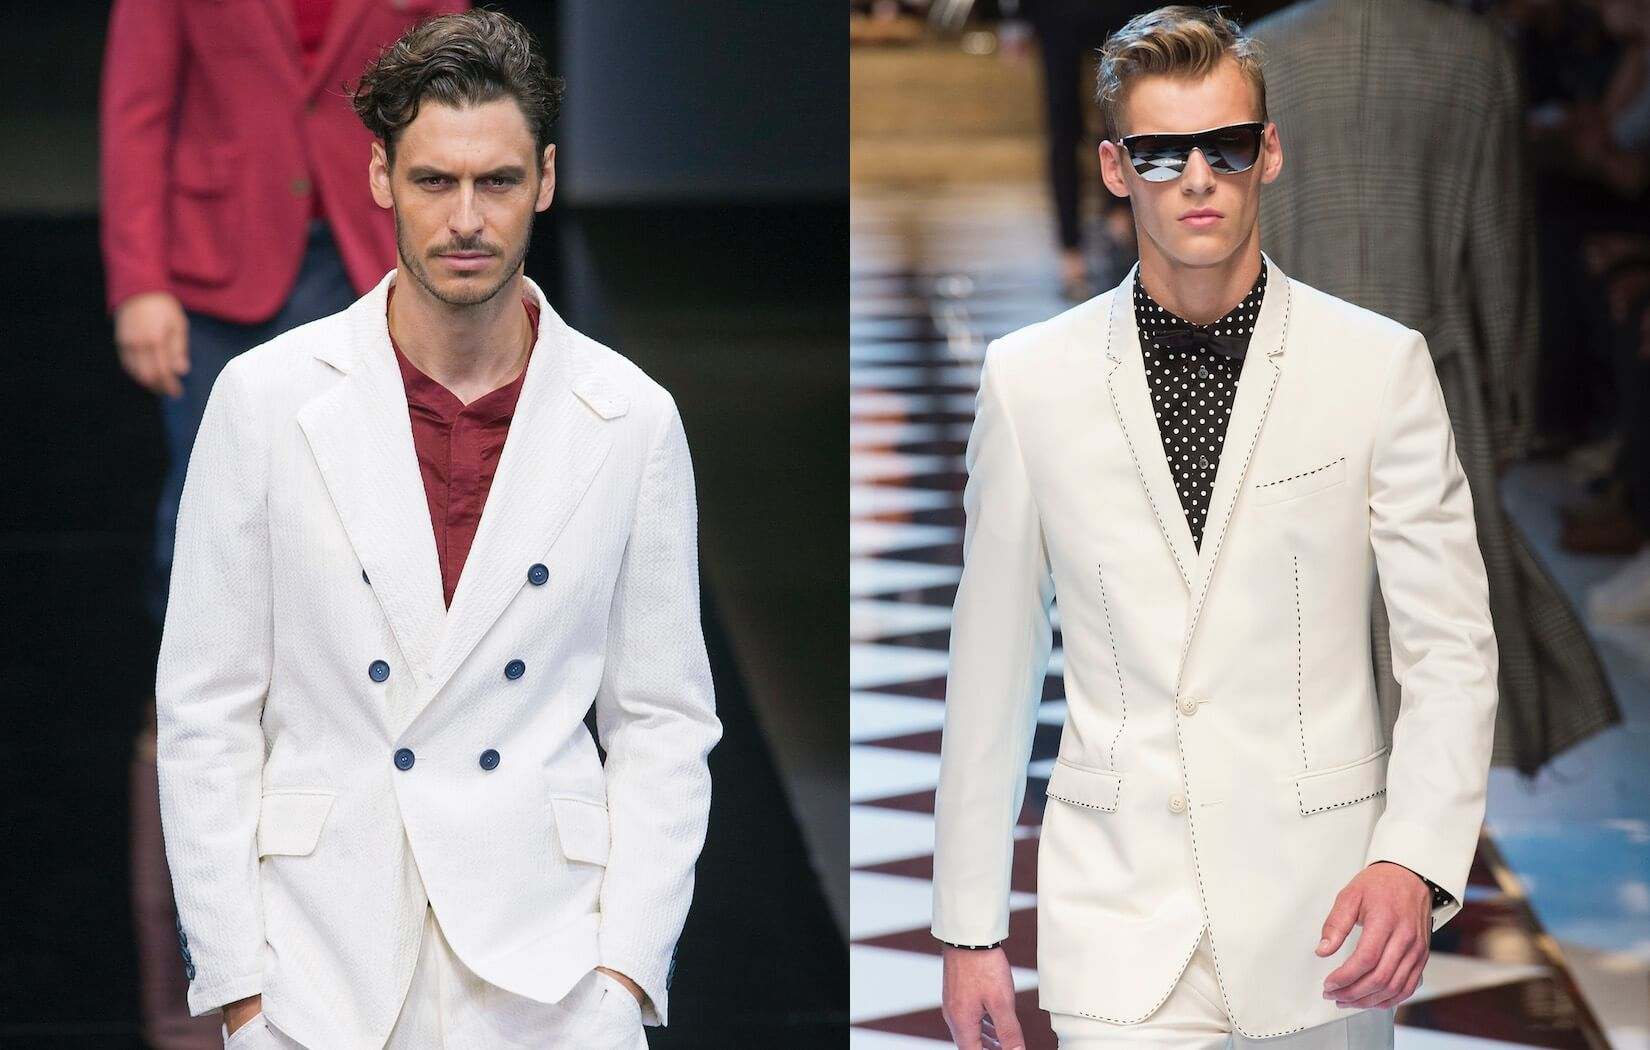 Giacche uomo PrimaveraEstate 2017, i modelli di tendenza